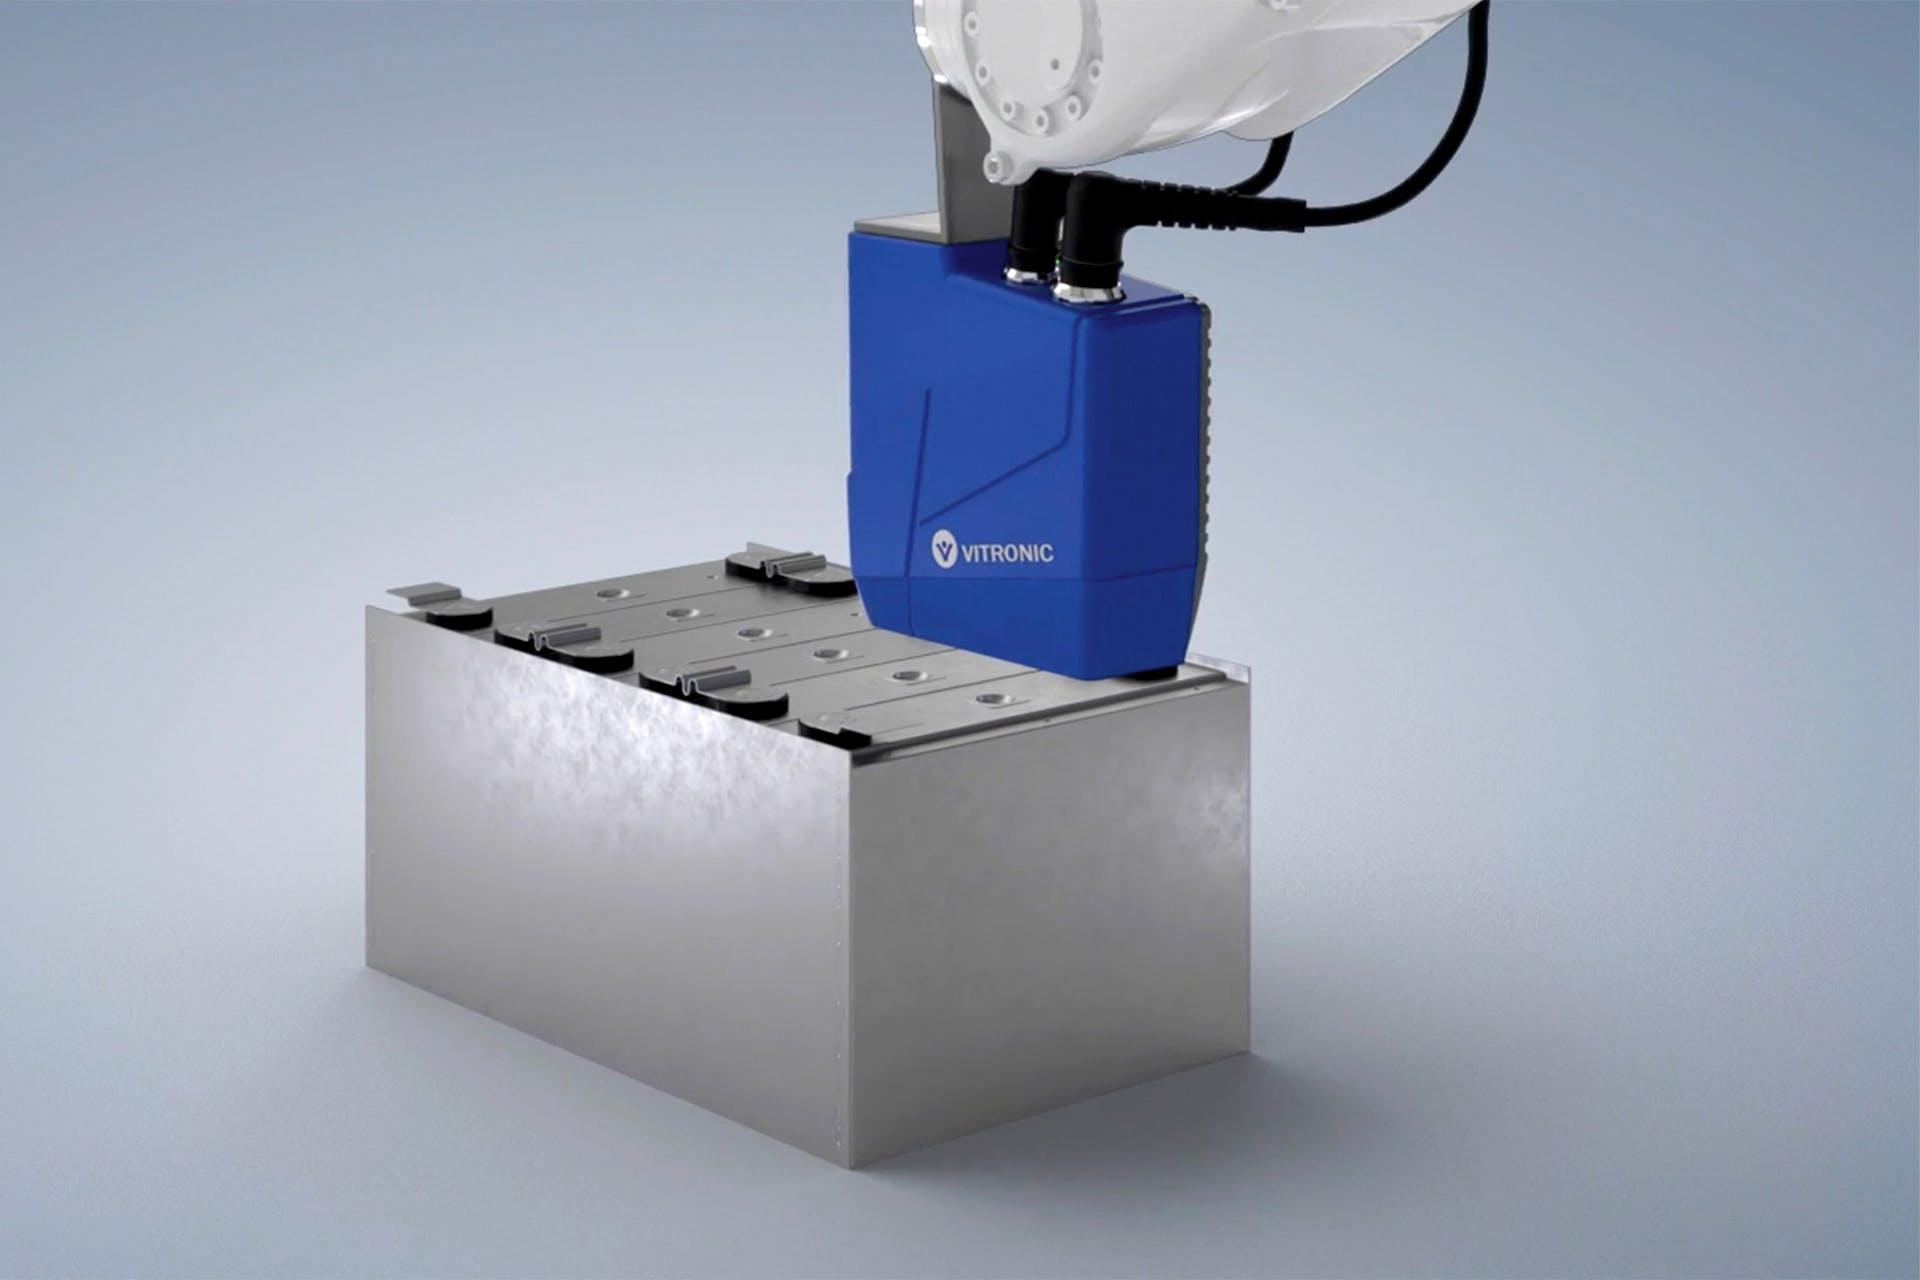 Das Auto-ID-System VIRO WSI von VITRONIC an einem Roboterarm prüft einen Batteriekasten.